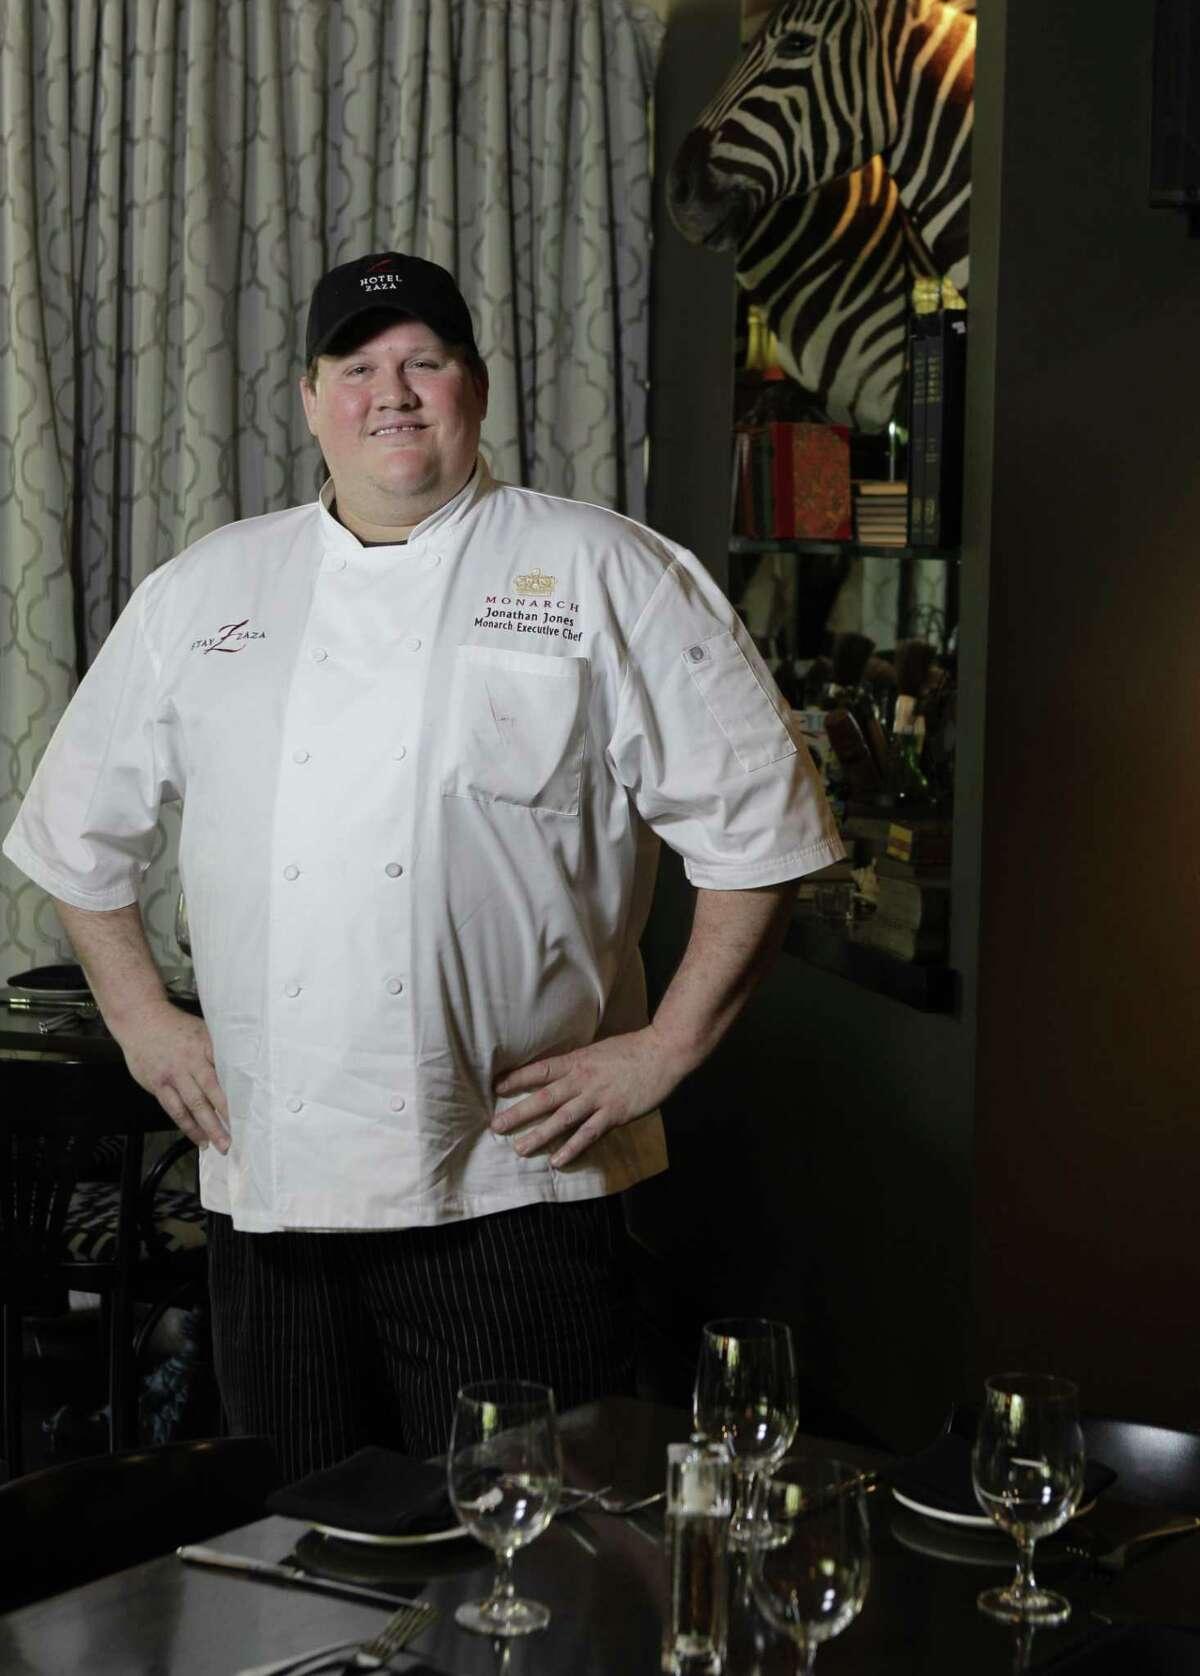 BEFORE: Chef Jonathan Jones says he had hit rock bottom.